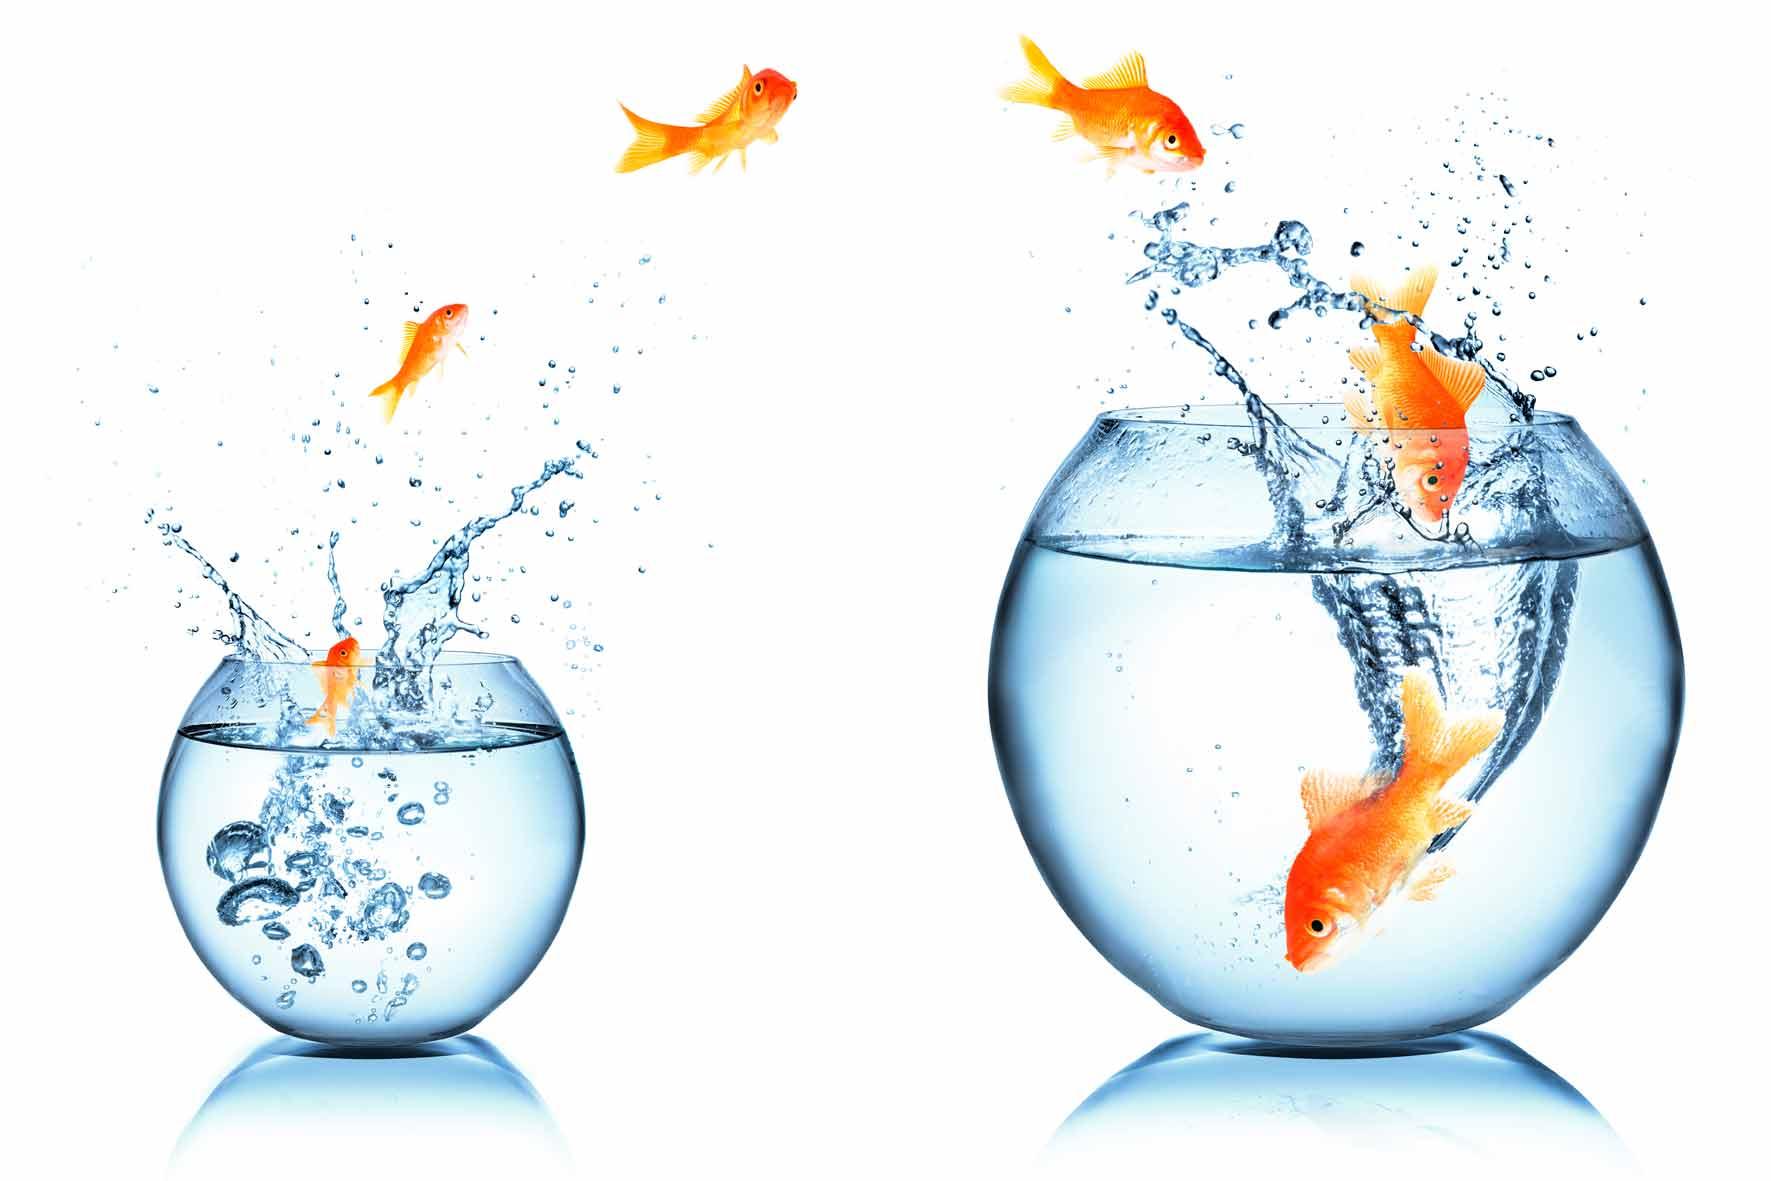 La gestió del canvi: clau d'èxit en la transformació